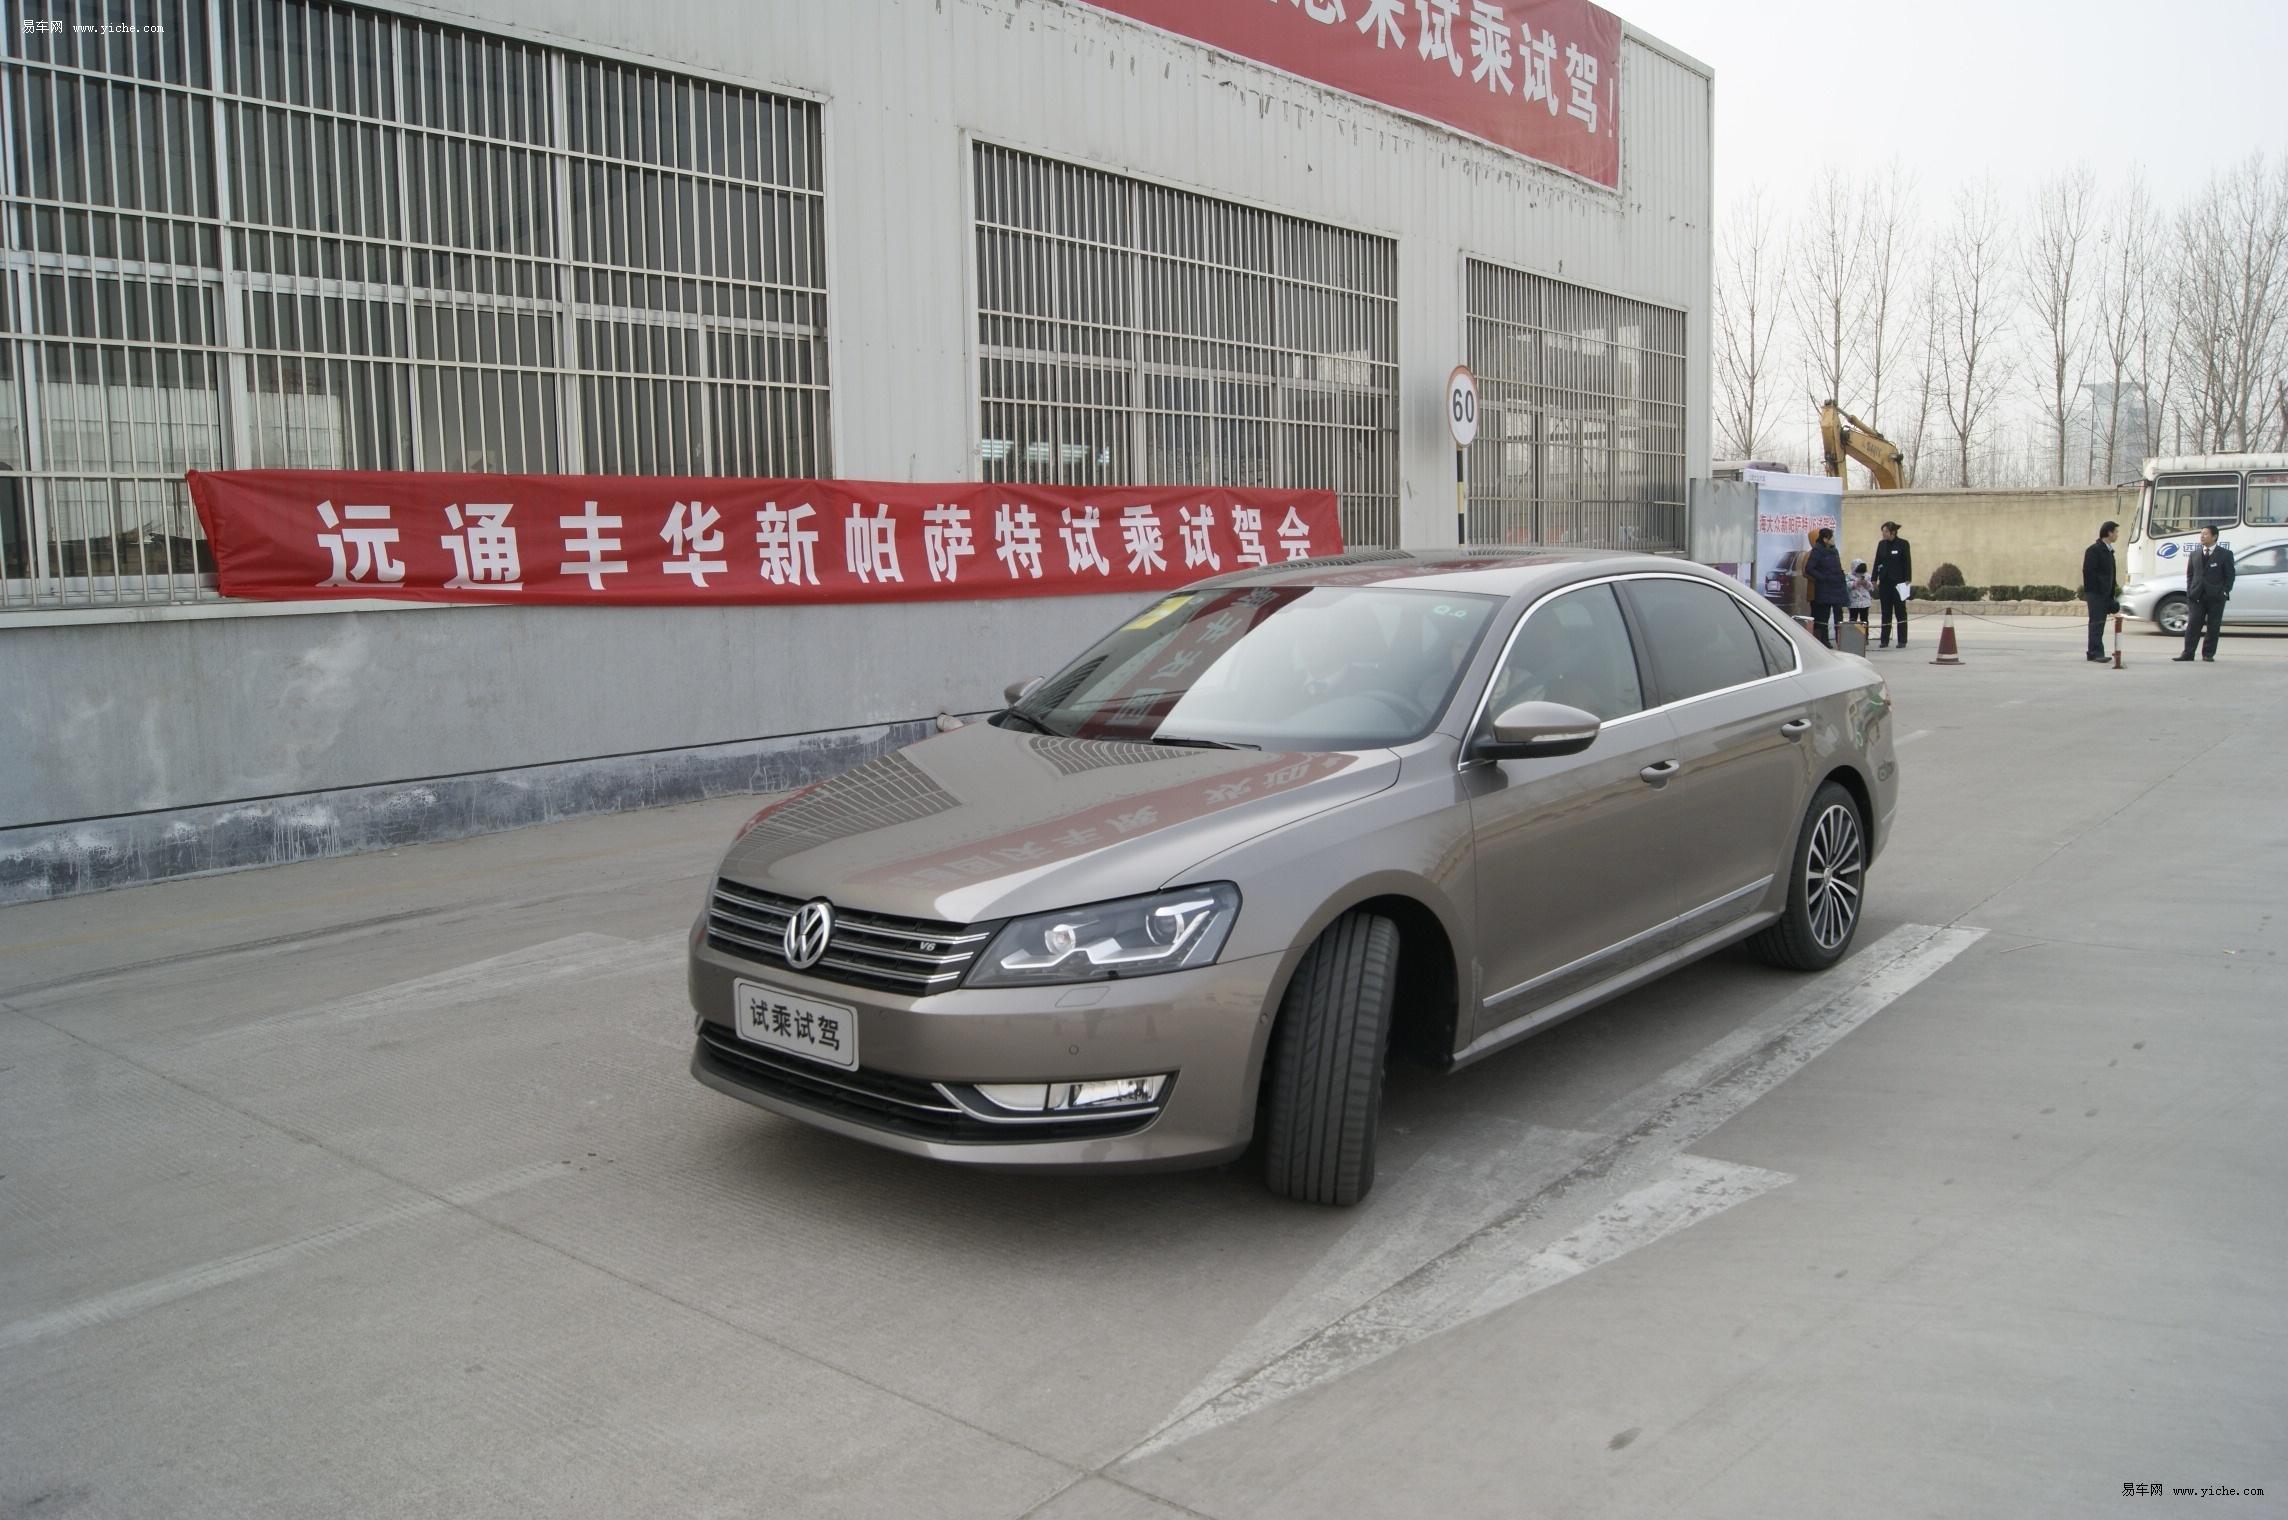 【图文】上海大众全新帕萨特v6临沂激情上市